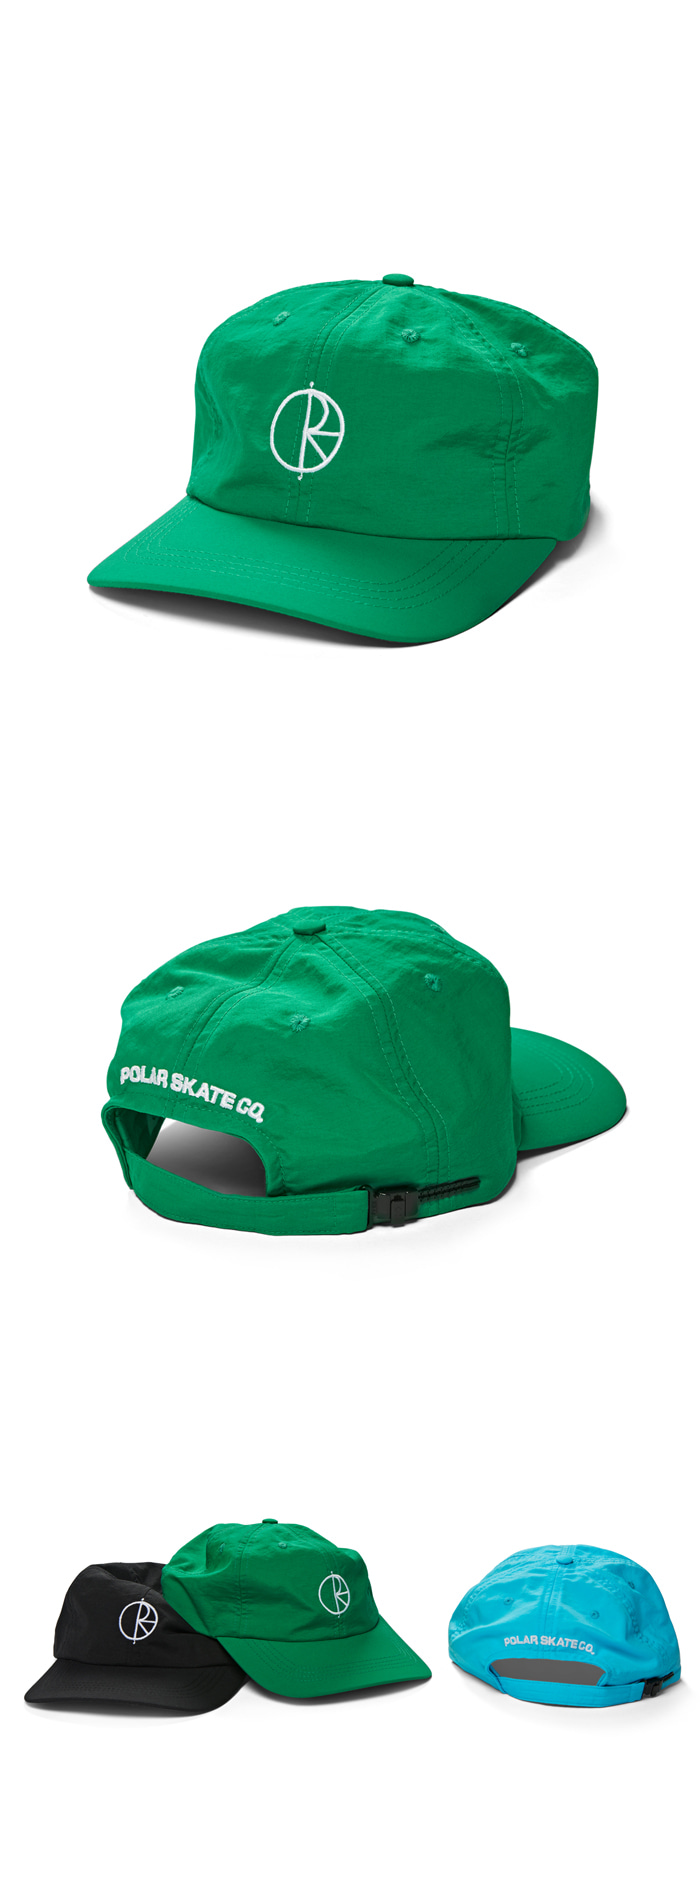 폴라(POLAR) Lightweight Caps - Green